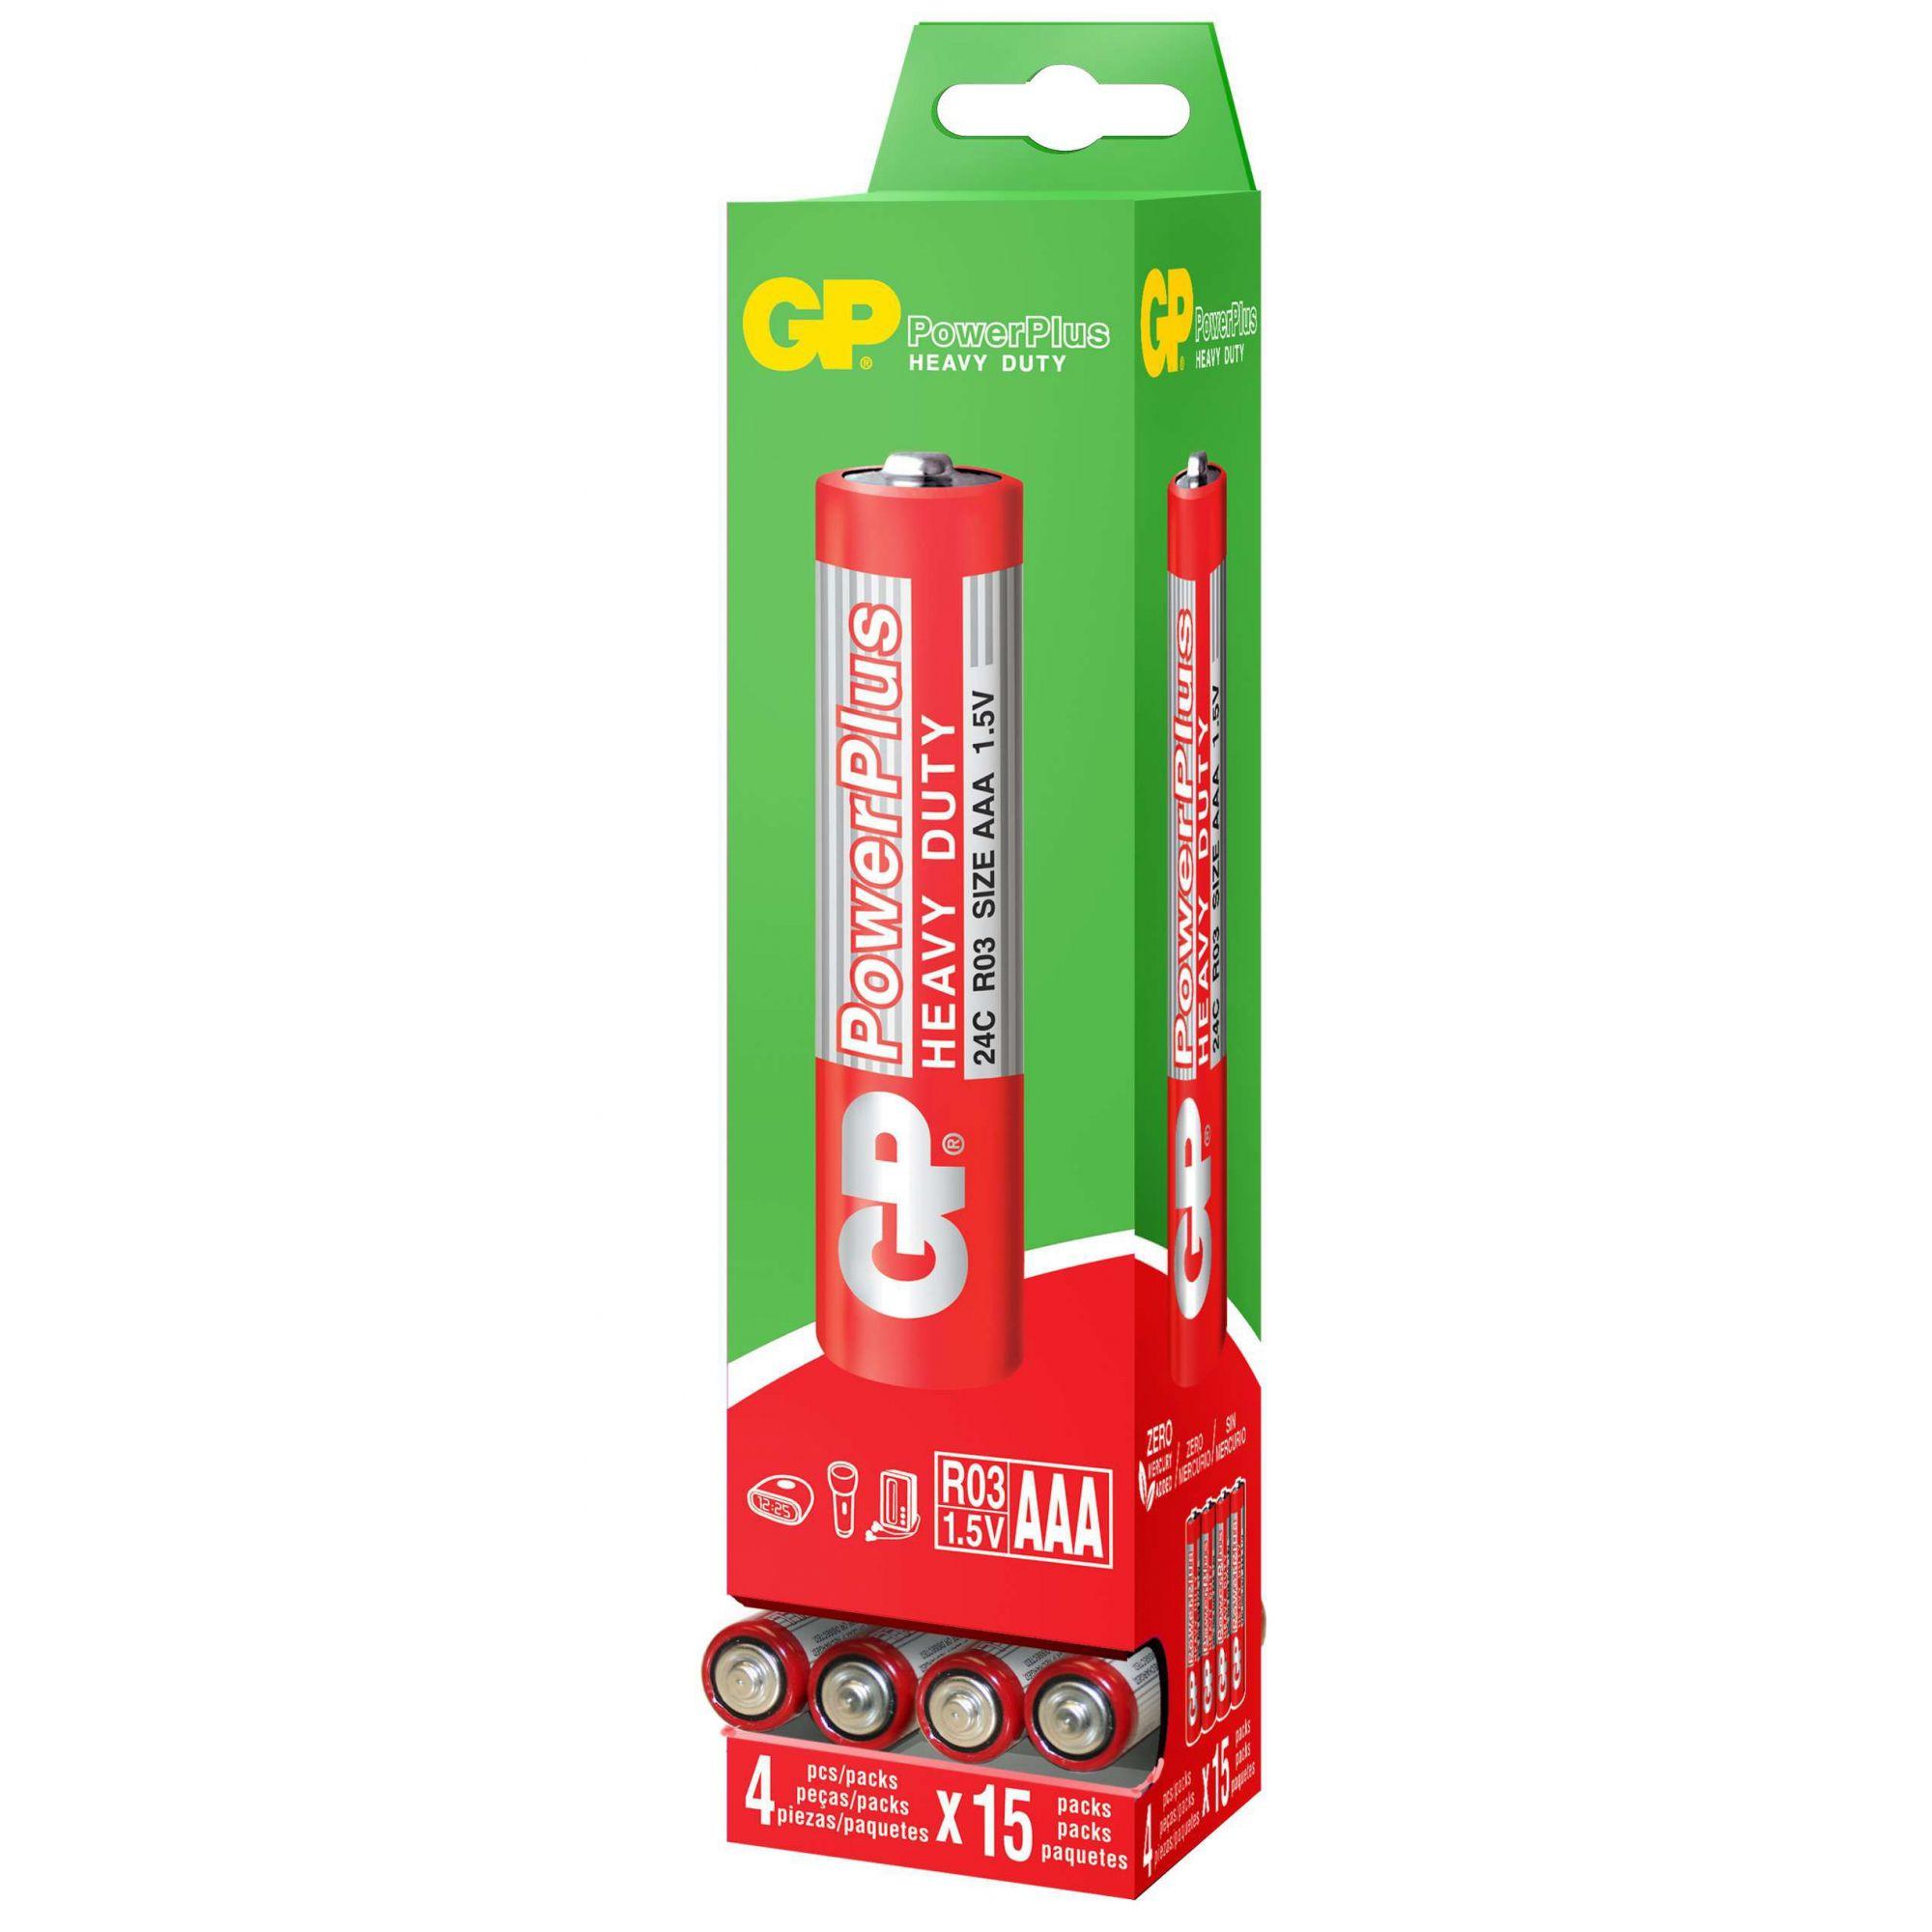 60 Pilhas AAA Comum PowerPlus GP Zinco Carvão - 01 caixa com 60 unidades cada